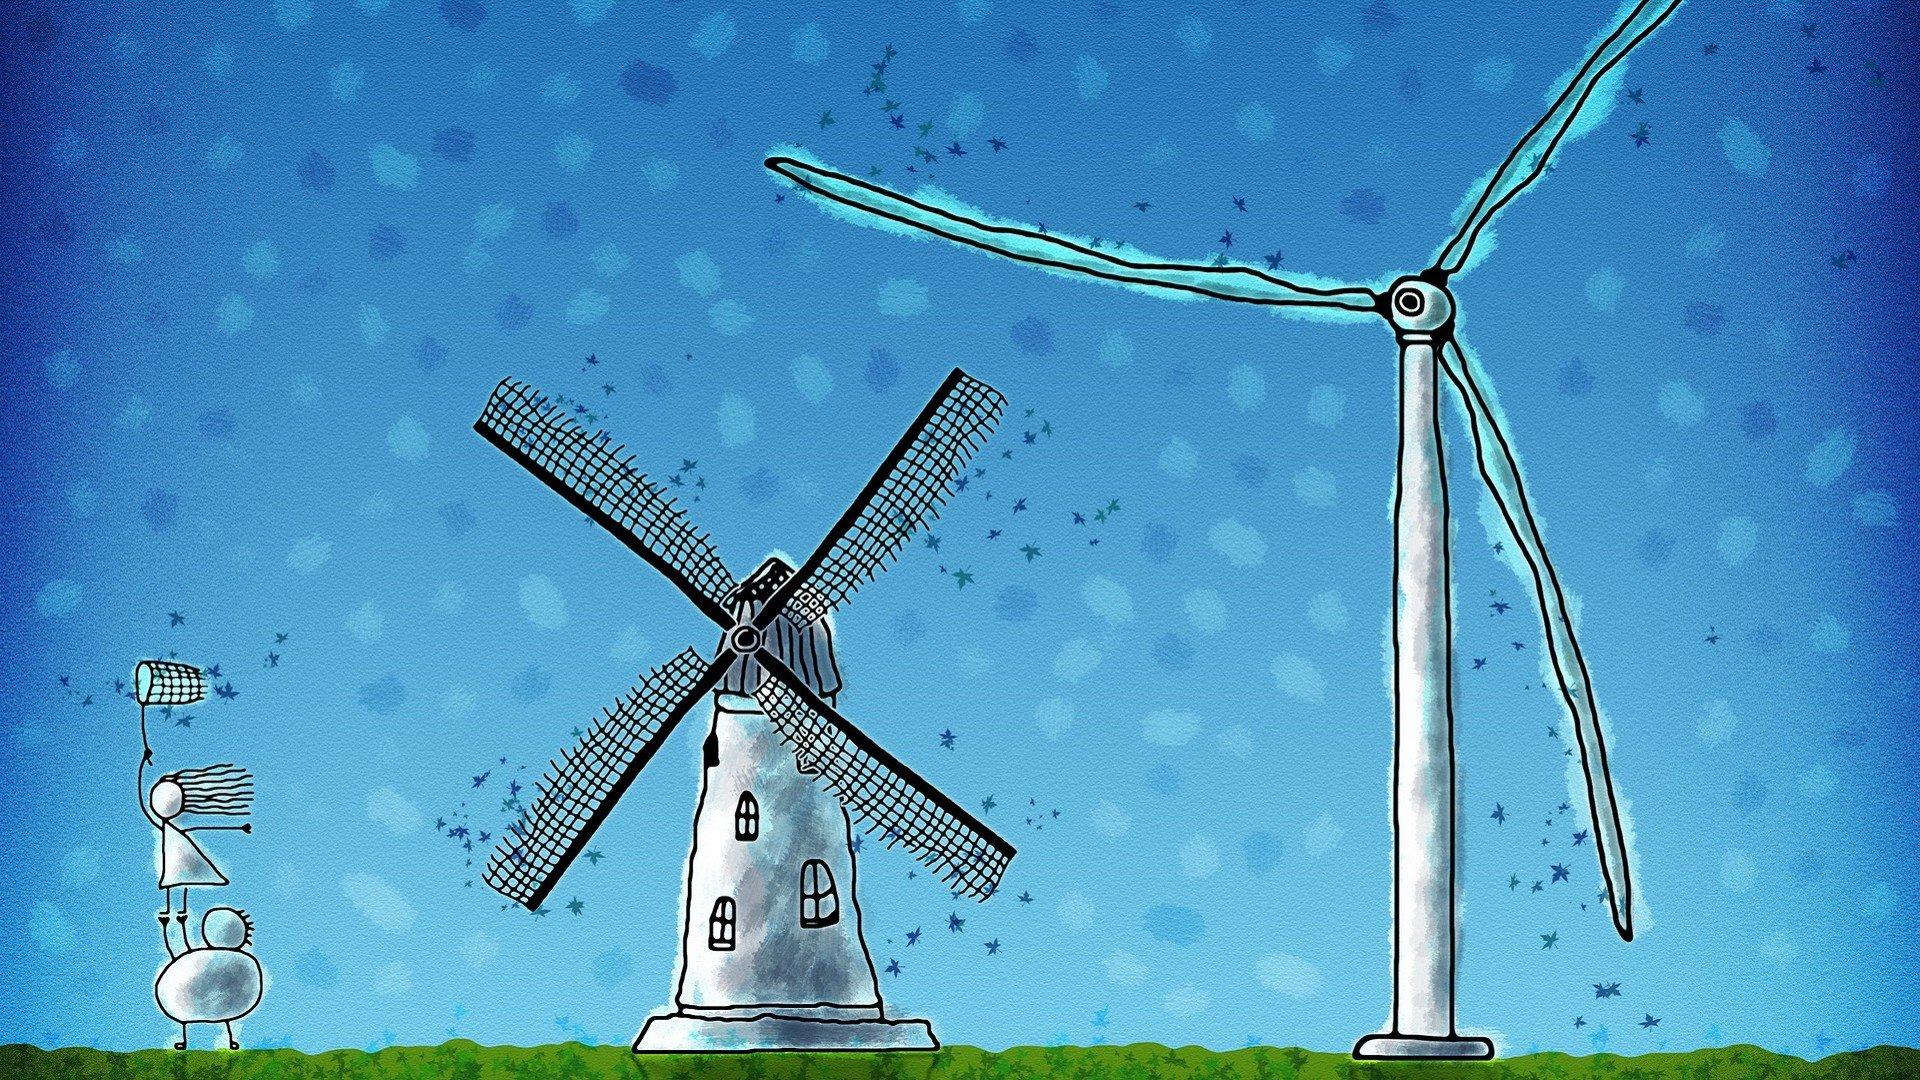 荷兰风车之国ppt模板:这是一个关于荷兰风车之国ppt模板,主要介绍了荷兰简介、荷兰国旗、自然地理、首都、人口、交通运输、经济、荷兰四宝等内容。欢迎点击下载荷兰风车之国ppt模板哦。荷兰(Holland),本称尼德兰王国,因其荷兰省最为出名,故尼德兰(尼德兰文:Nederland,英文:Netherland)多被世界称为荷兰。位于欧洲西偏北部,是著名的亚欧大陆桥的欧洲始发点。荷兰是世界有名的低地之国。国土总面积41864平方千米,与德国、比利时接壤。欧盟和北约创始国之一,也是申根公约、联合国、世界贸易组织